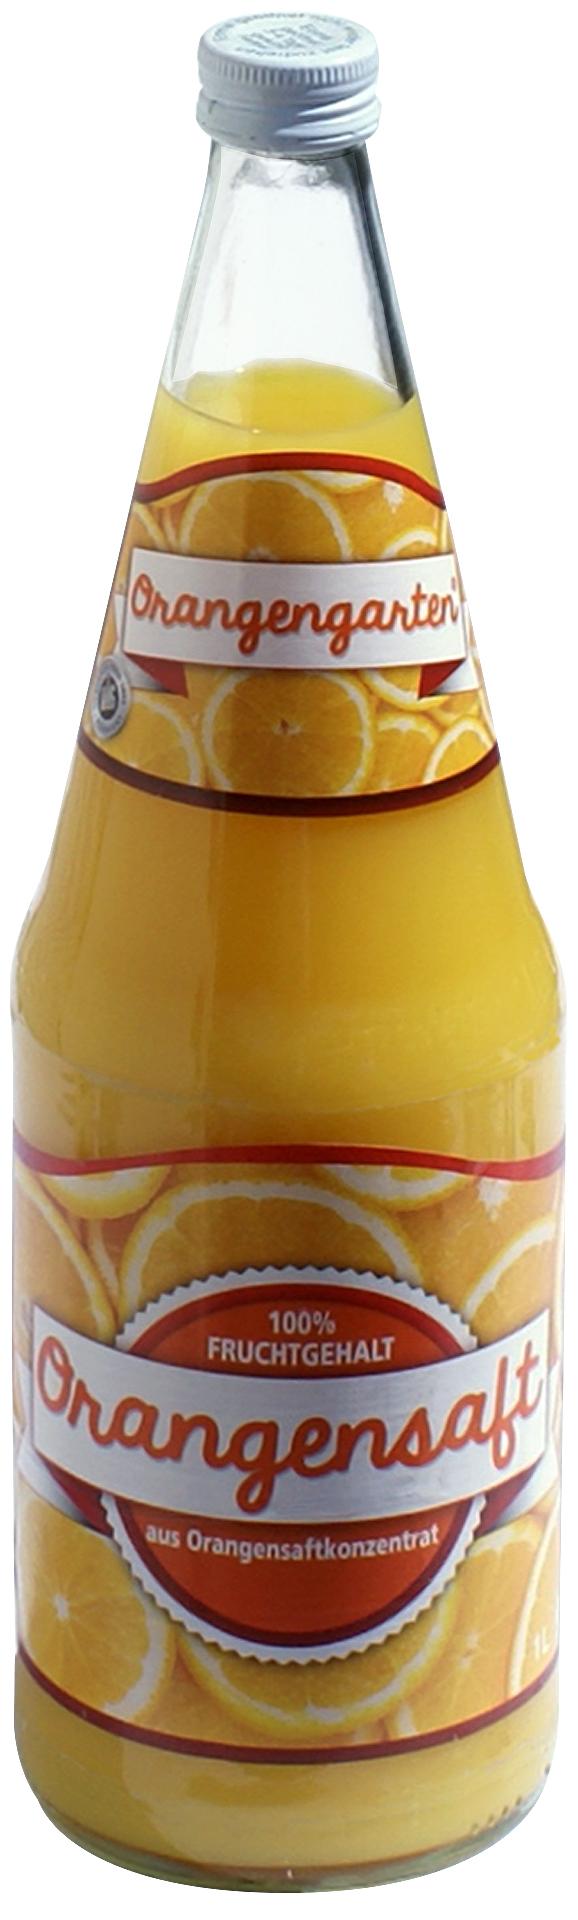 Orangensaft Orangengarten